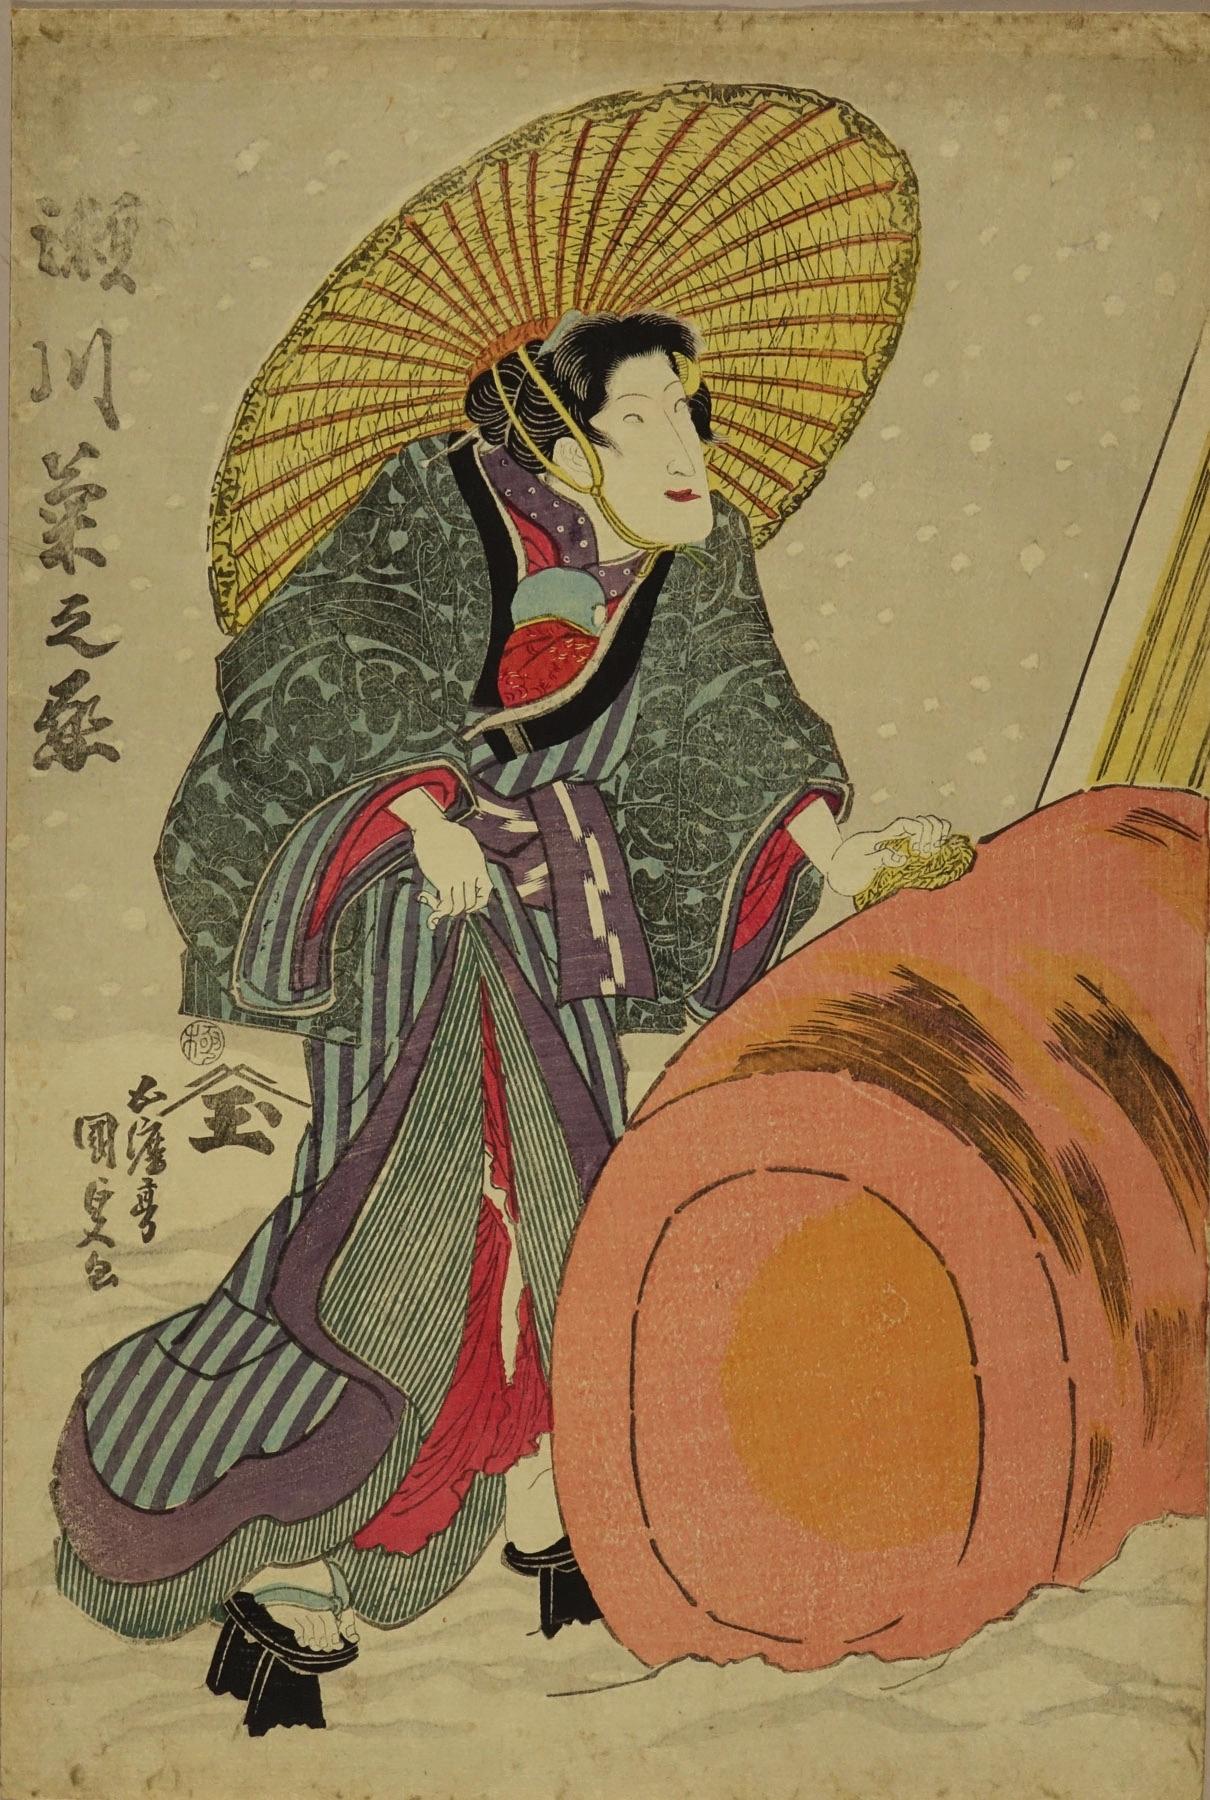 国貞 瀬川菊之丞